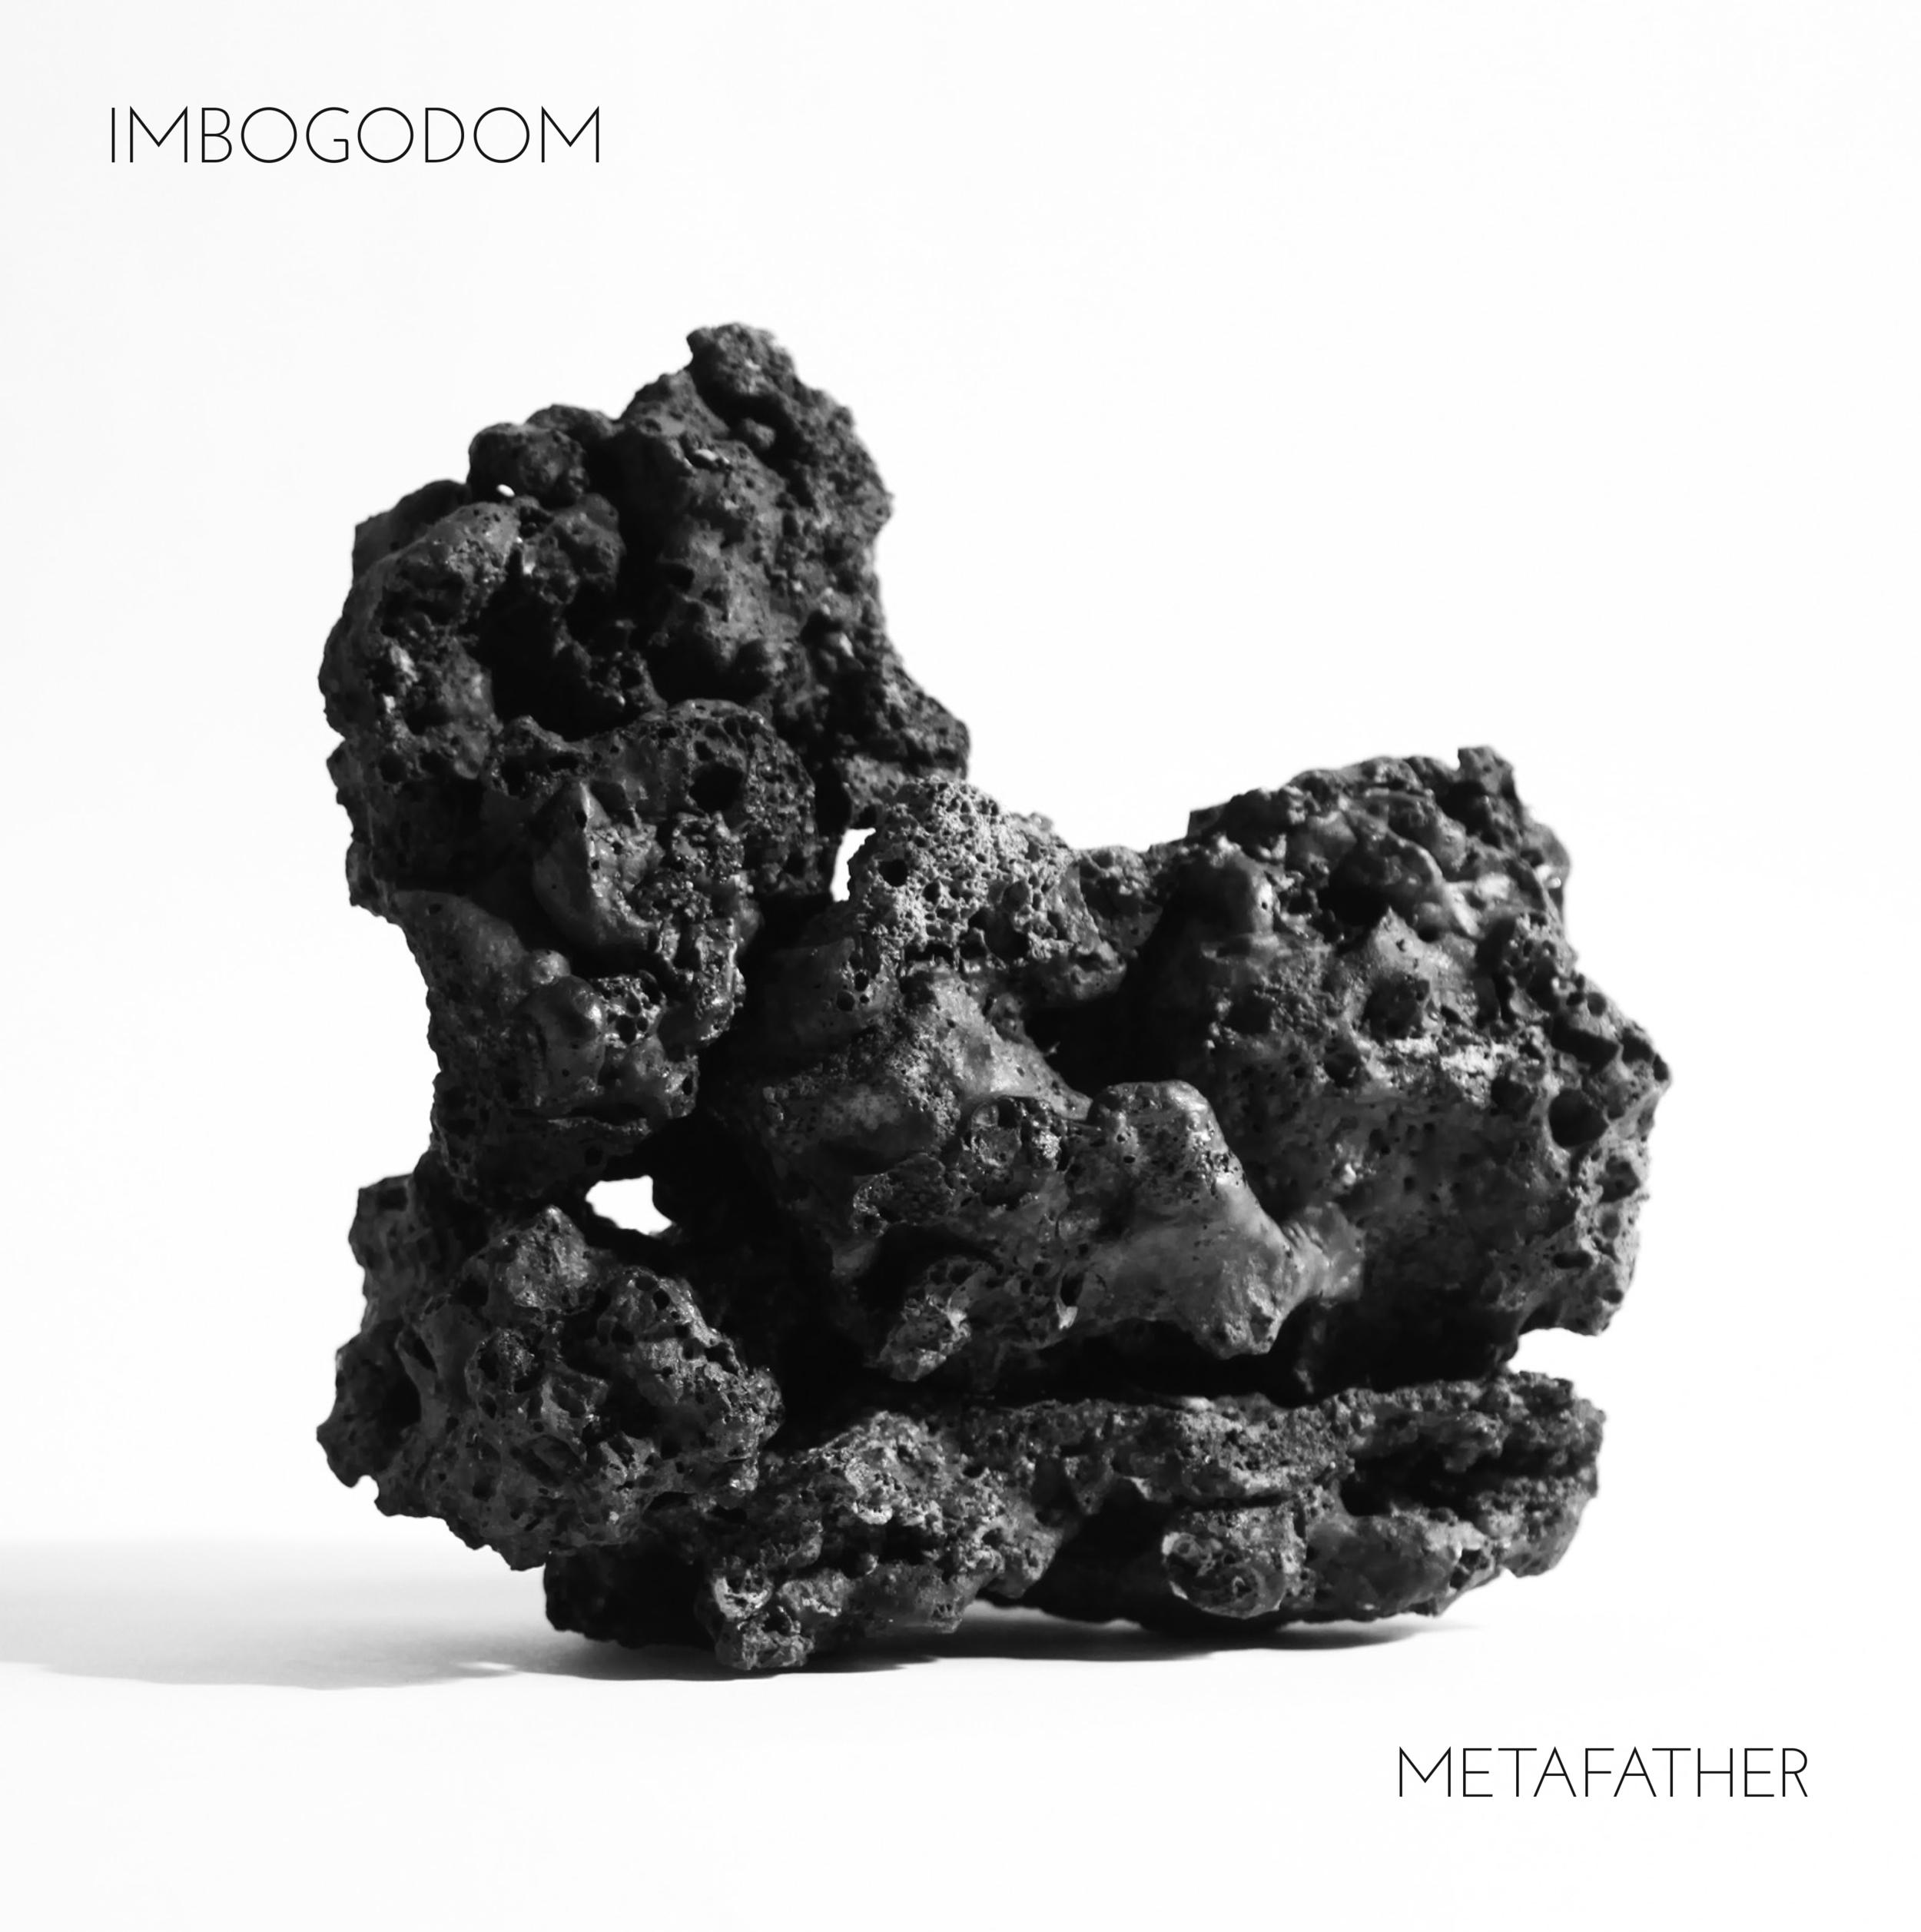 Metafather - Imbogodom